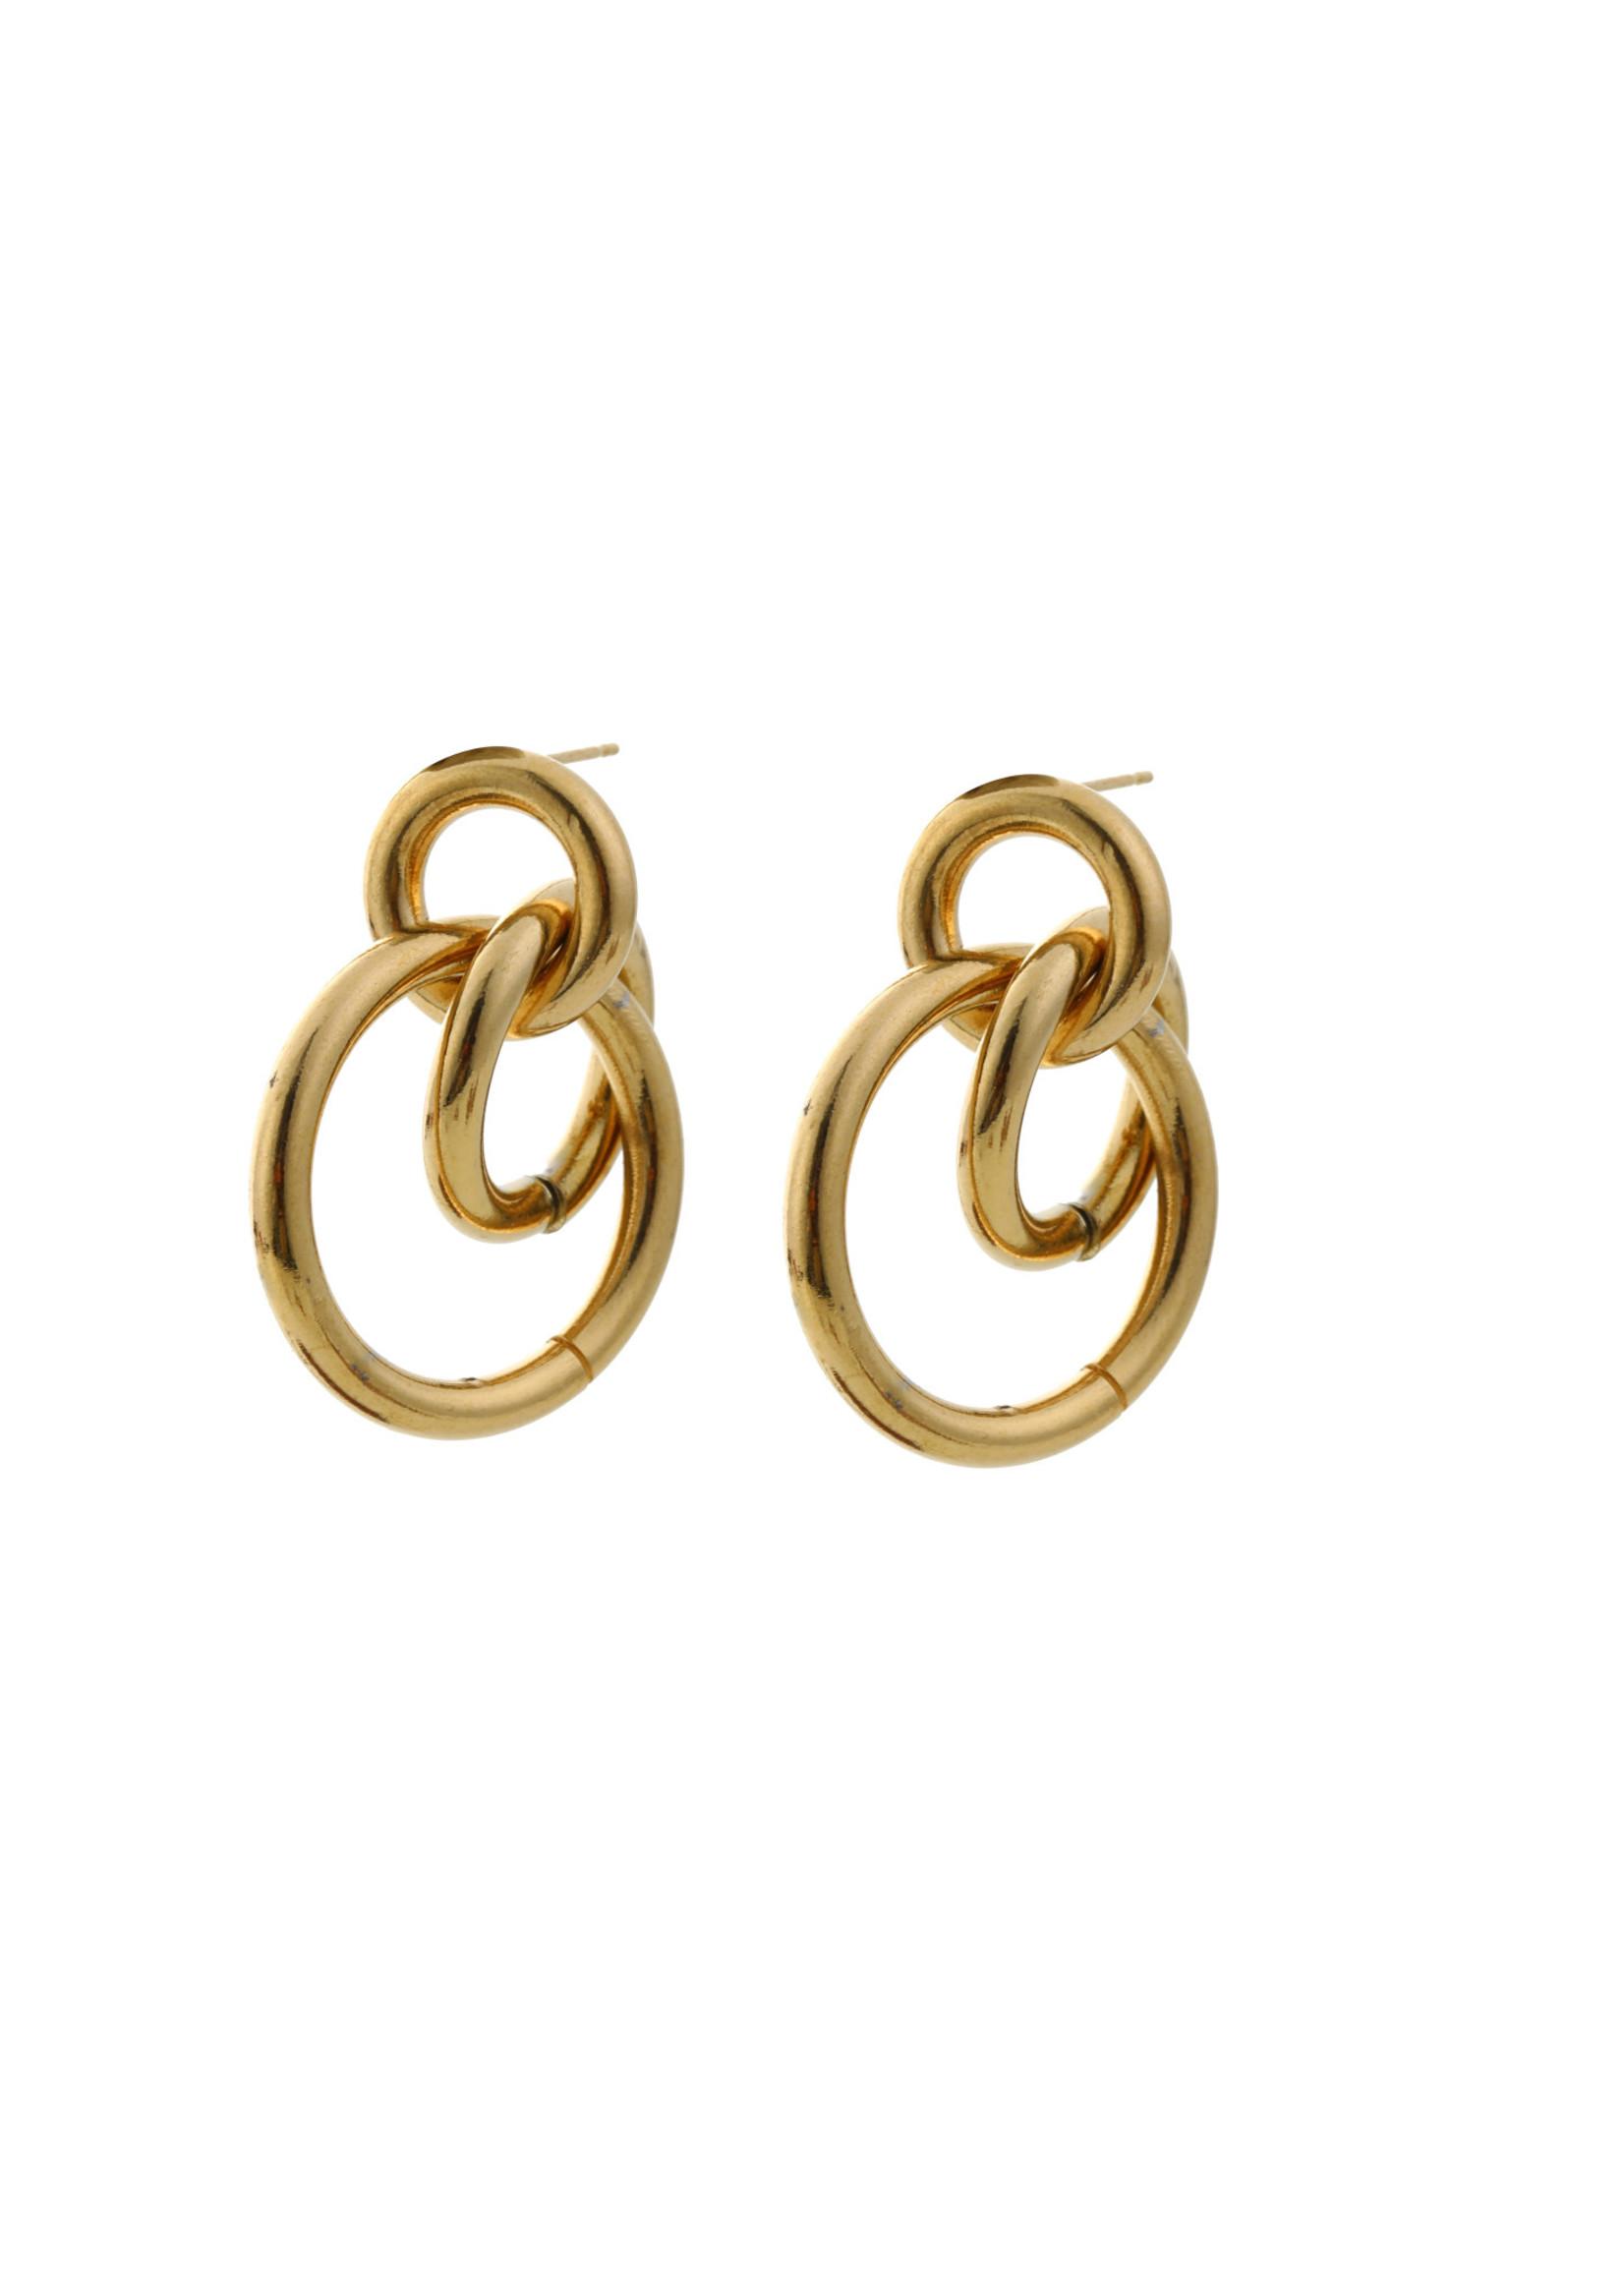 Oorbel goud 3 ringen E0498-2